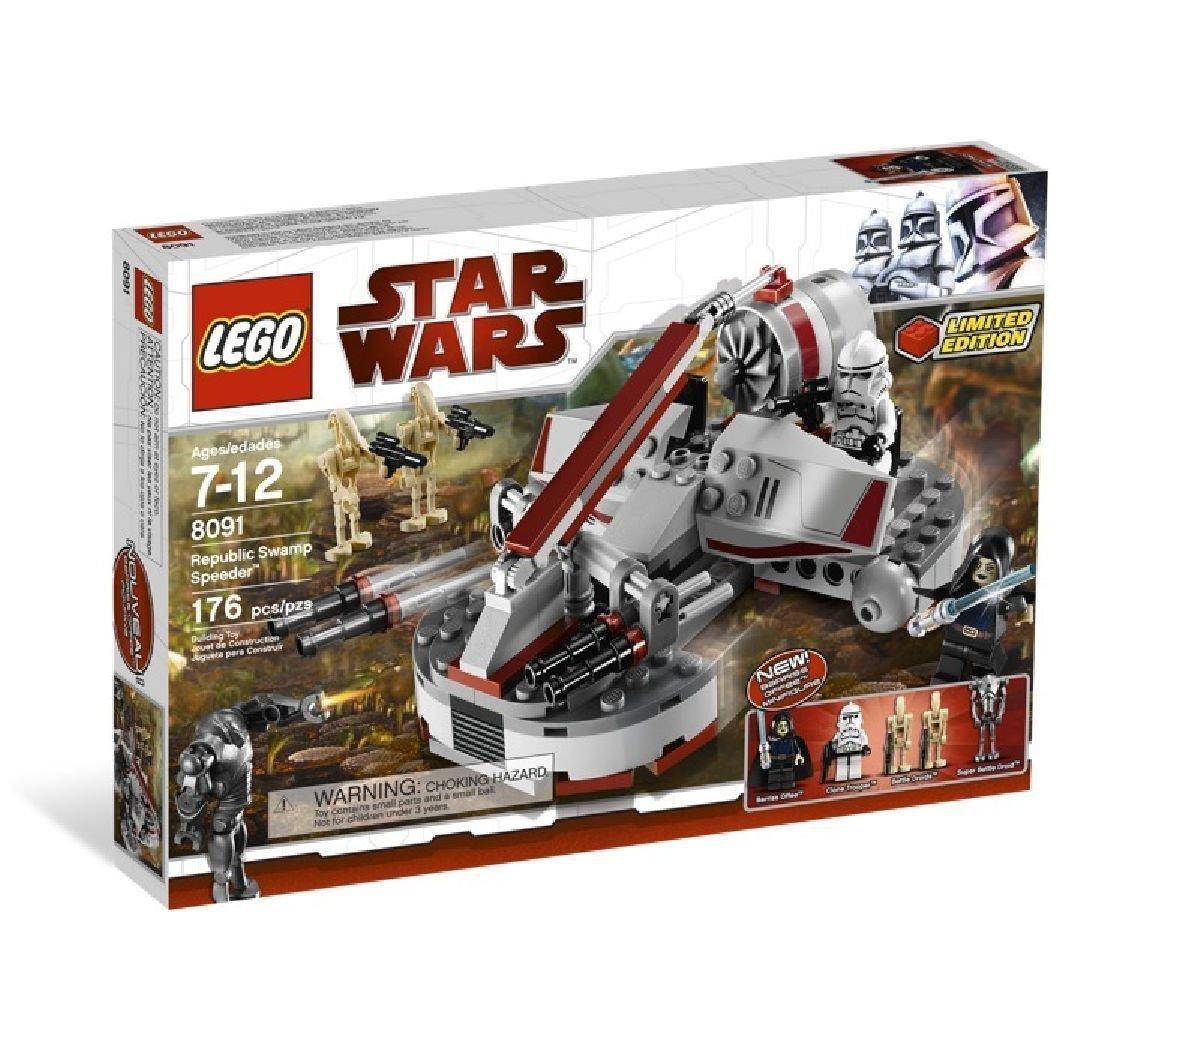 LEGO 8091 Star Wars Republic Swamp Speeder